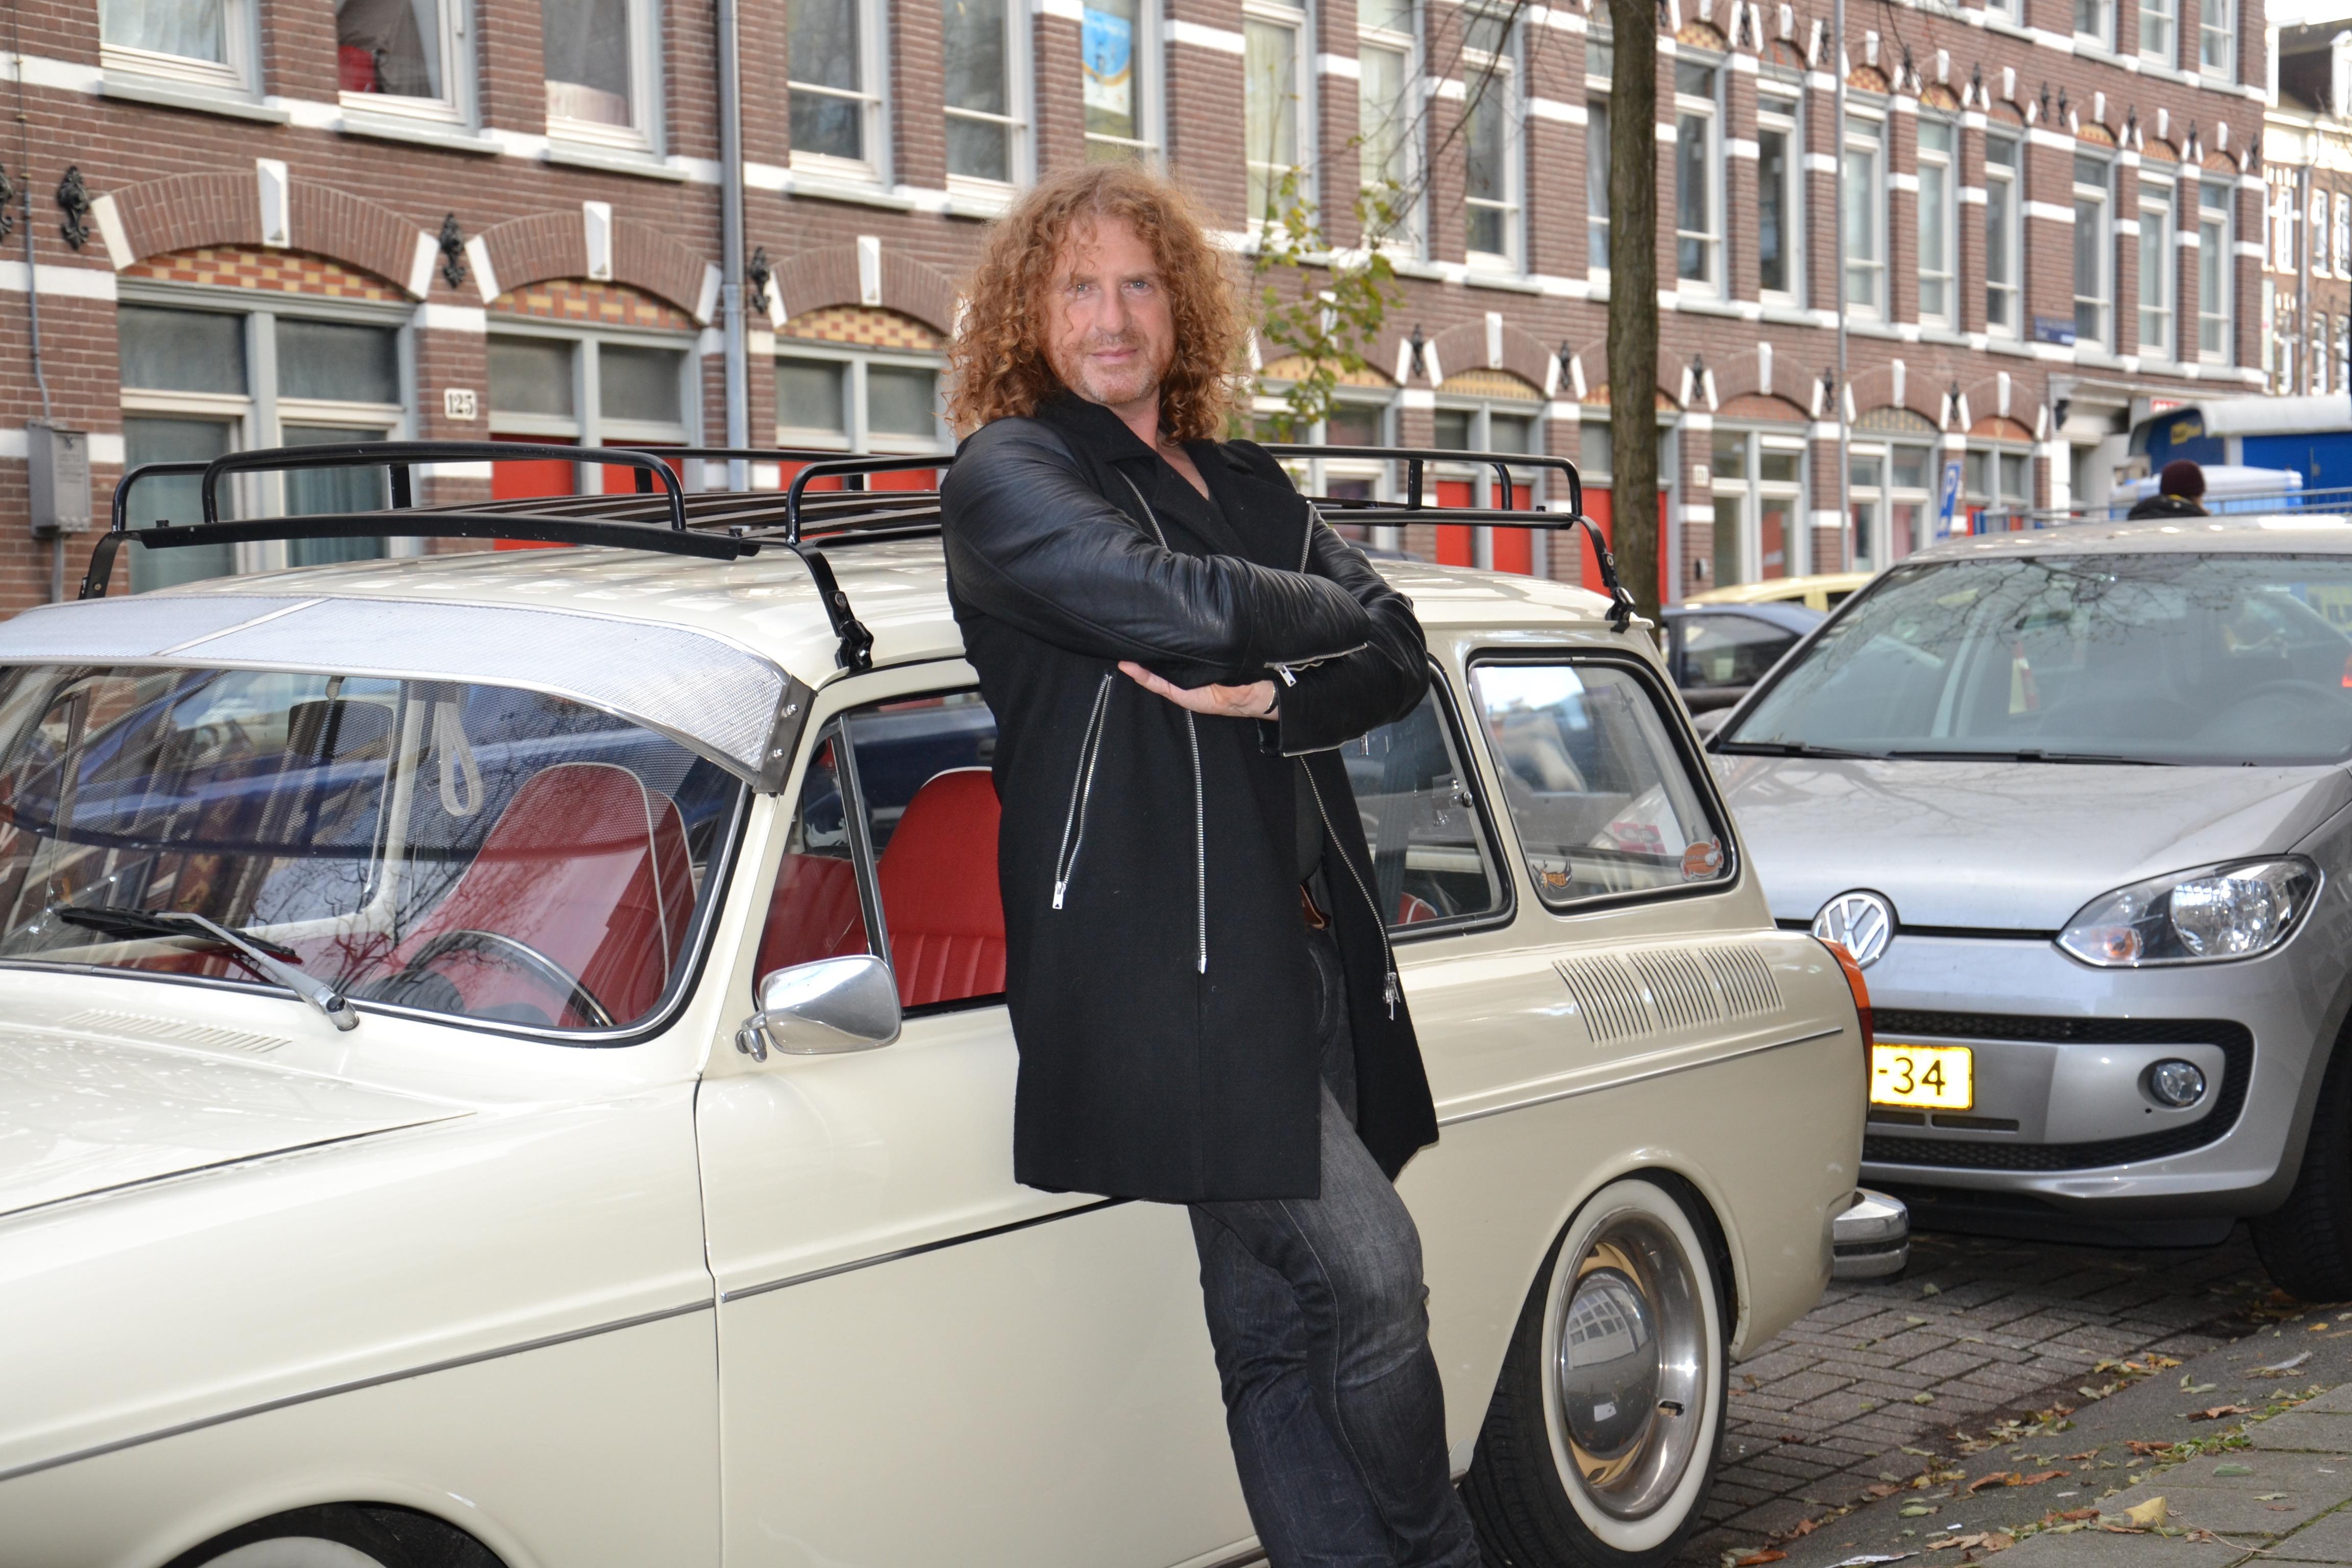 Gert Van Der Vijver / NL